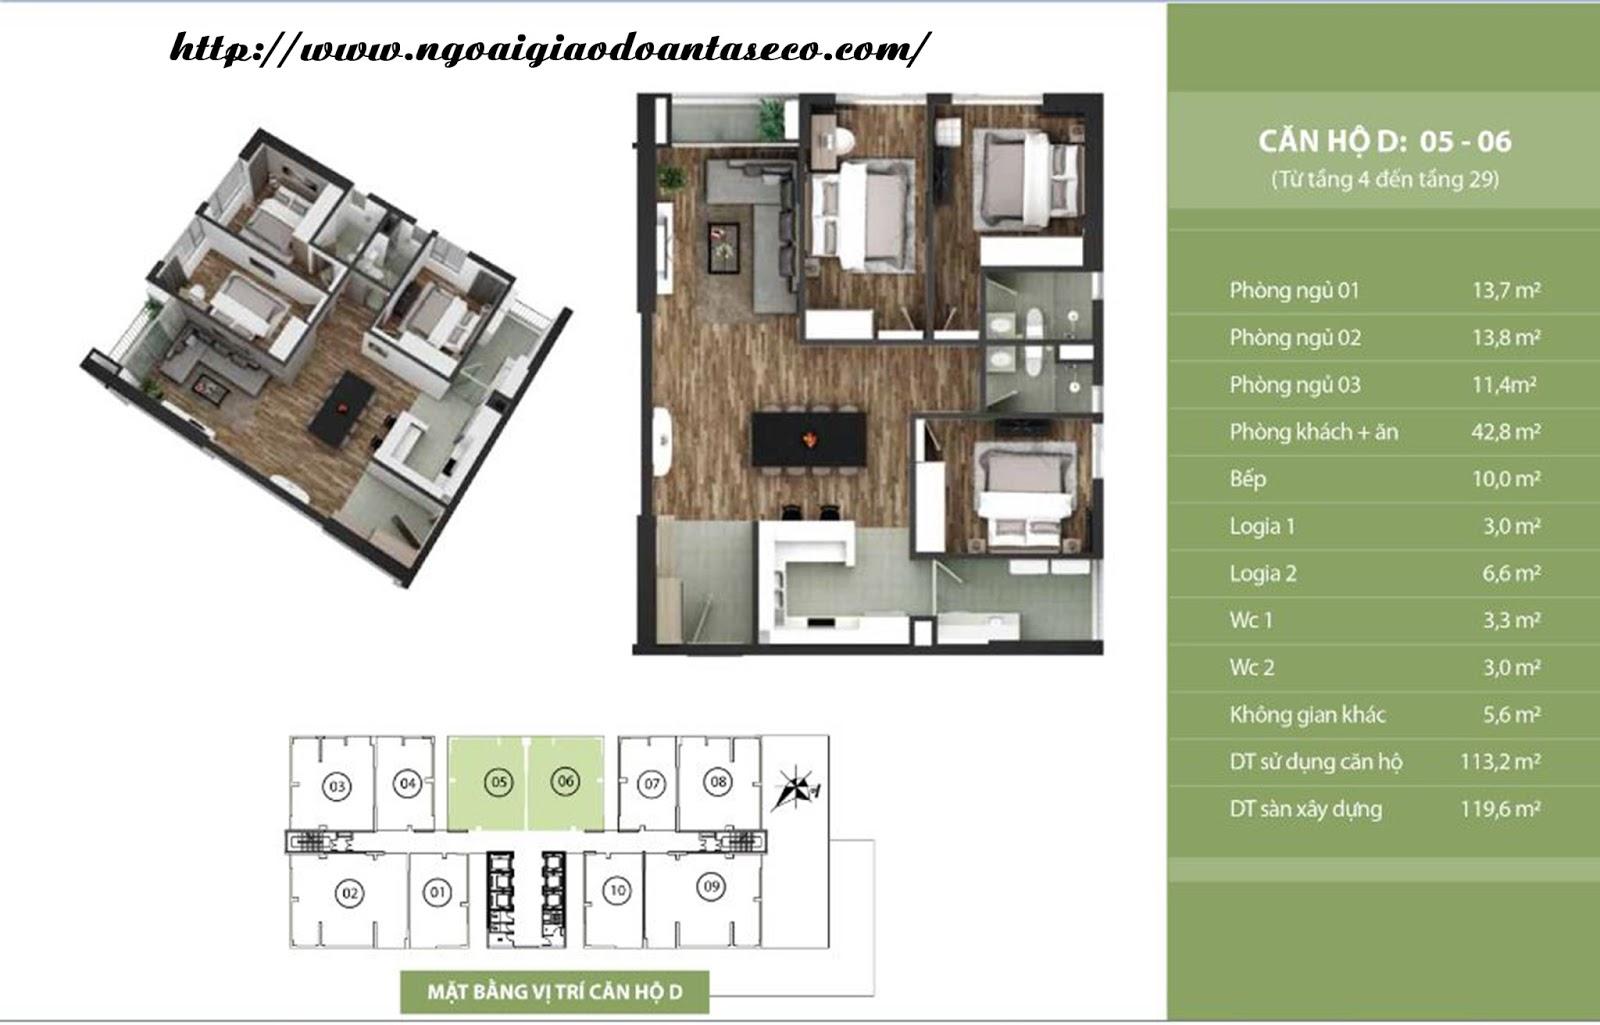 Bán lại căn hộ 806 - Chung cư Taseco Complex